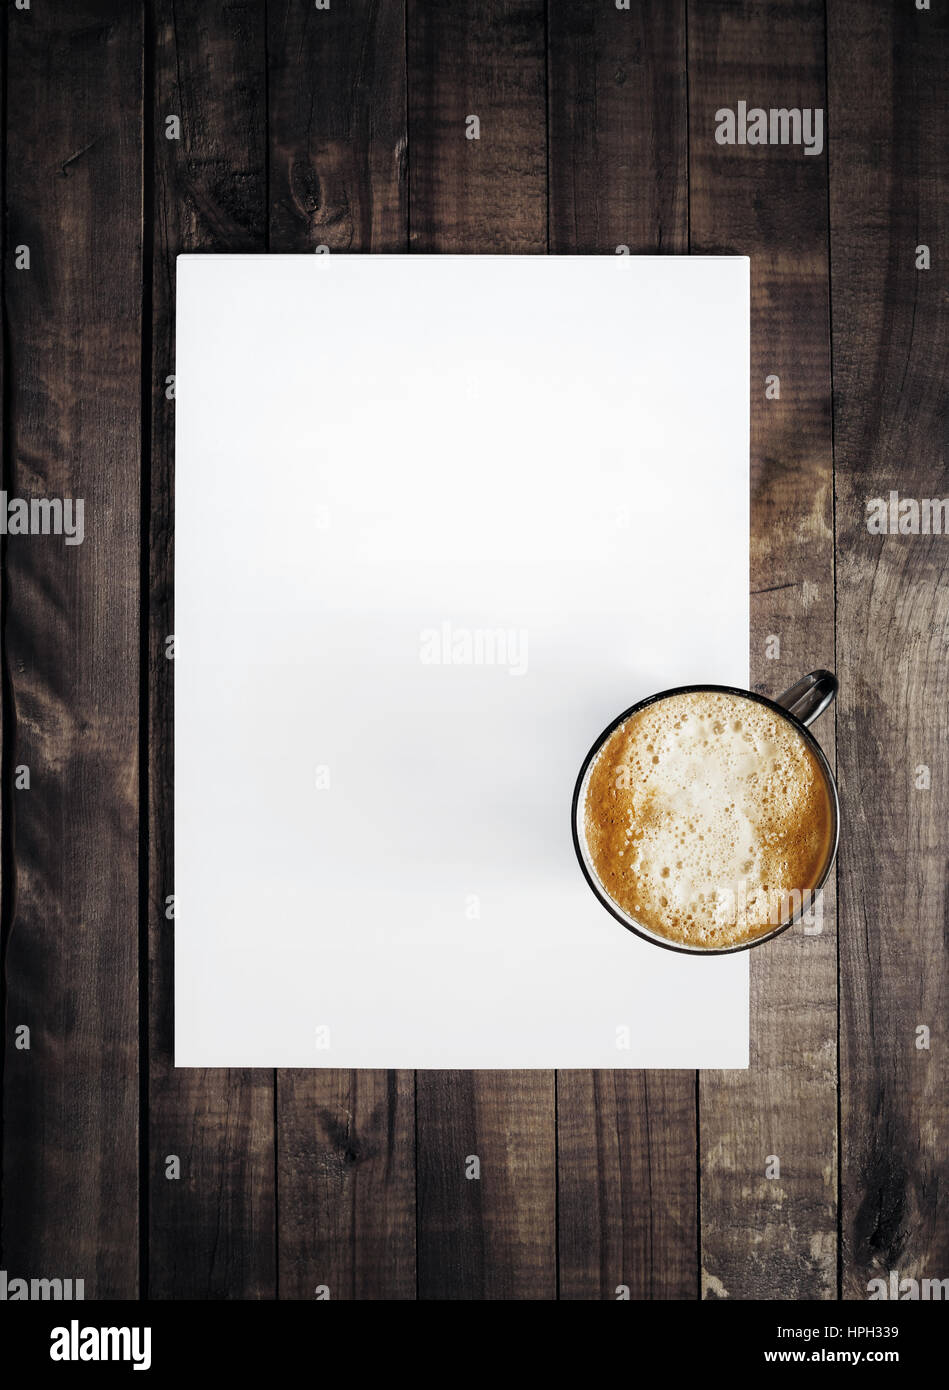 Briefkopf Leer Und Kaffeetasse Vorlage Für Das Branding Identität